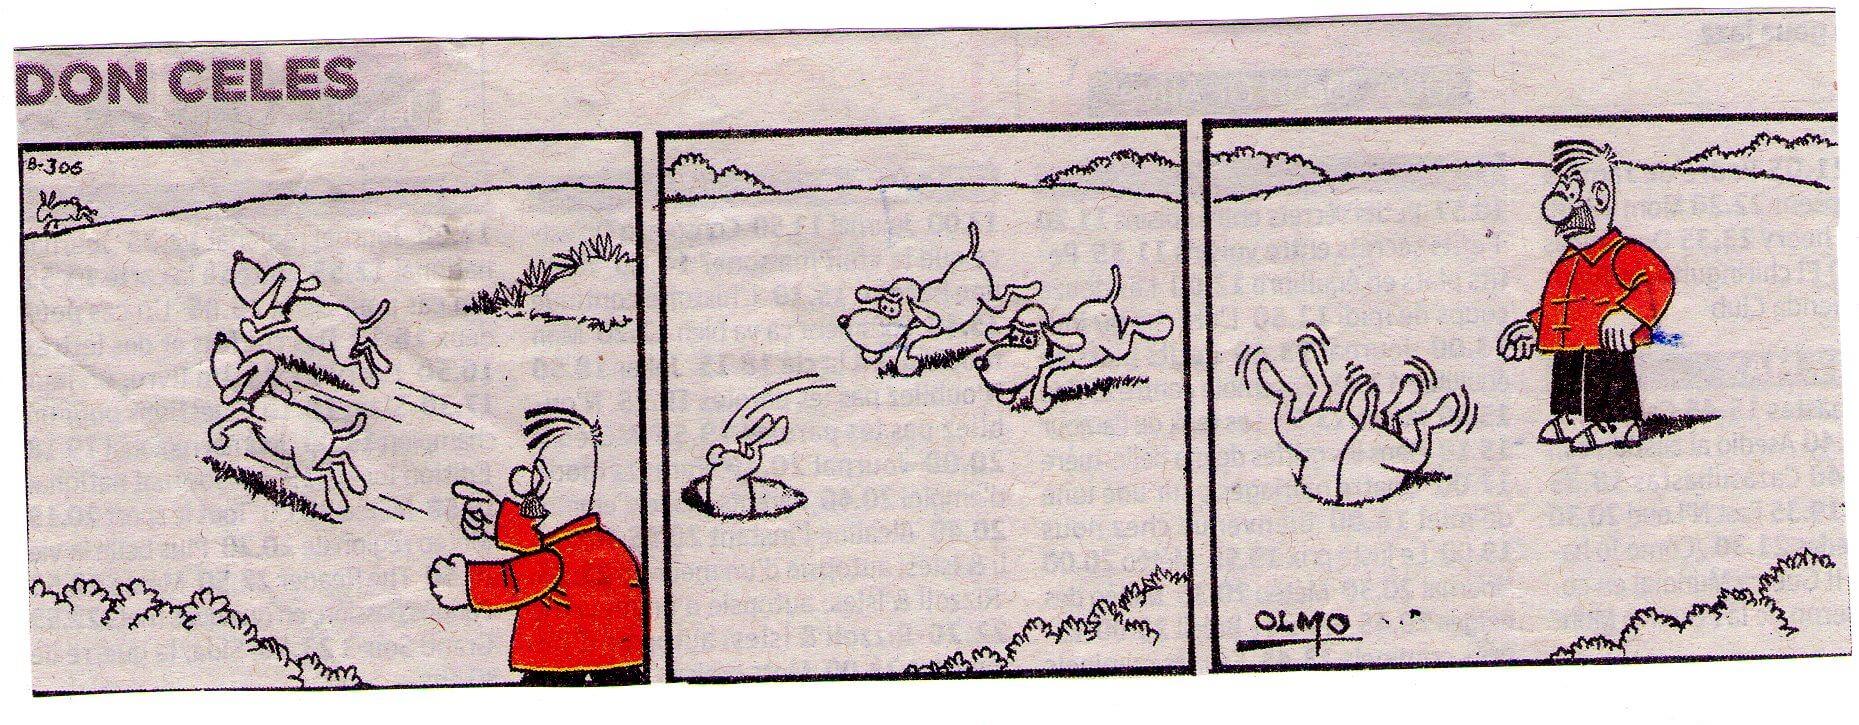 Don Celes ordena a su perro cazar el conejo